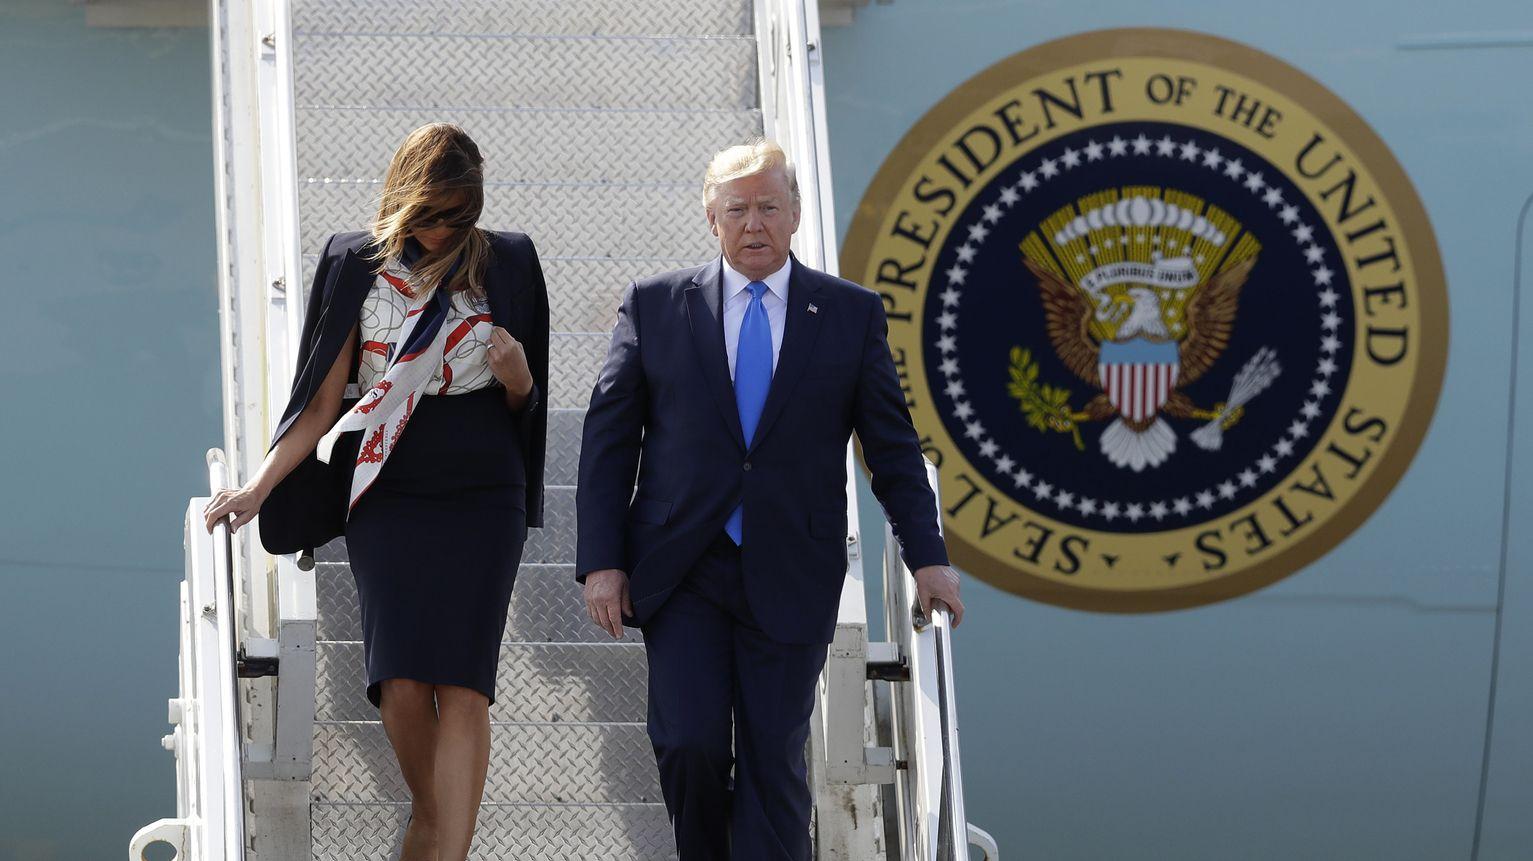 03.06.2019, Großbritannien, Stansted: Donald Trump, Präsident der USA, und seine Frau Melania Trump, First Lady der USA, verlassen die Air Force One bei ihrer Ankunft am Flughafen Stansted